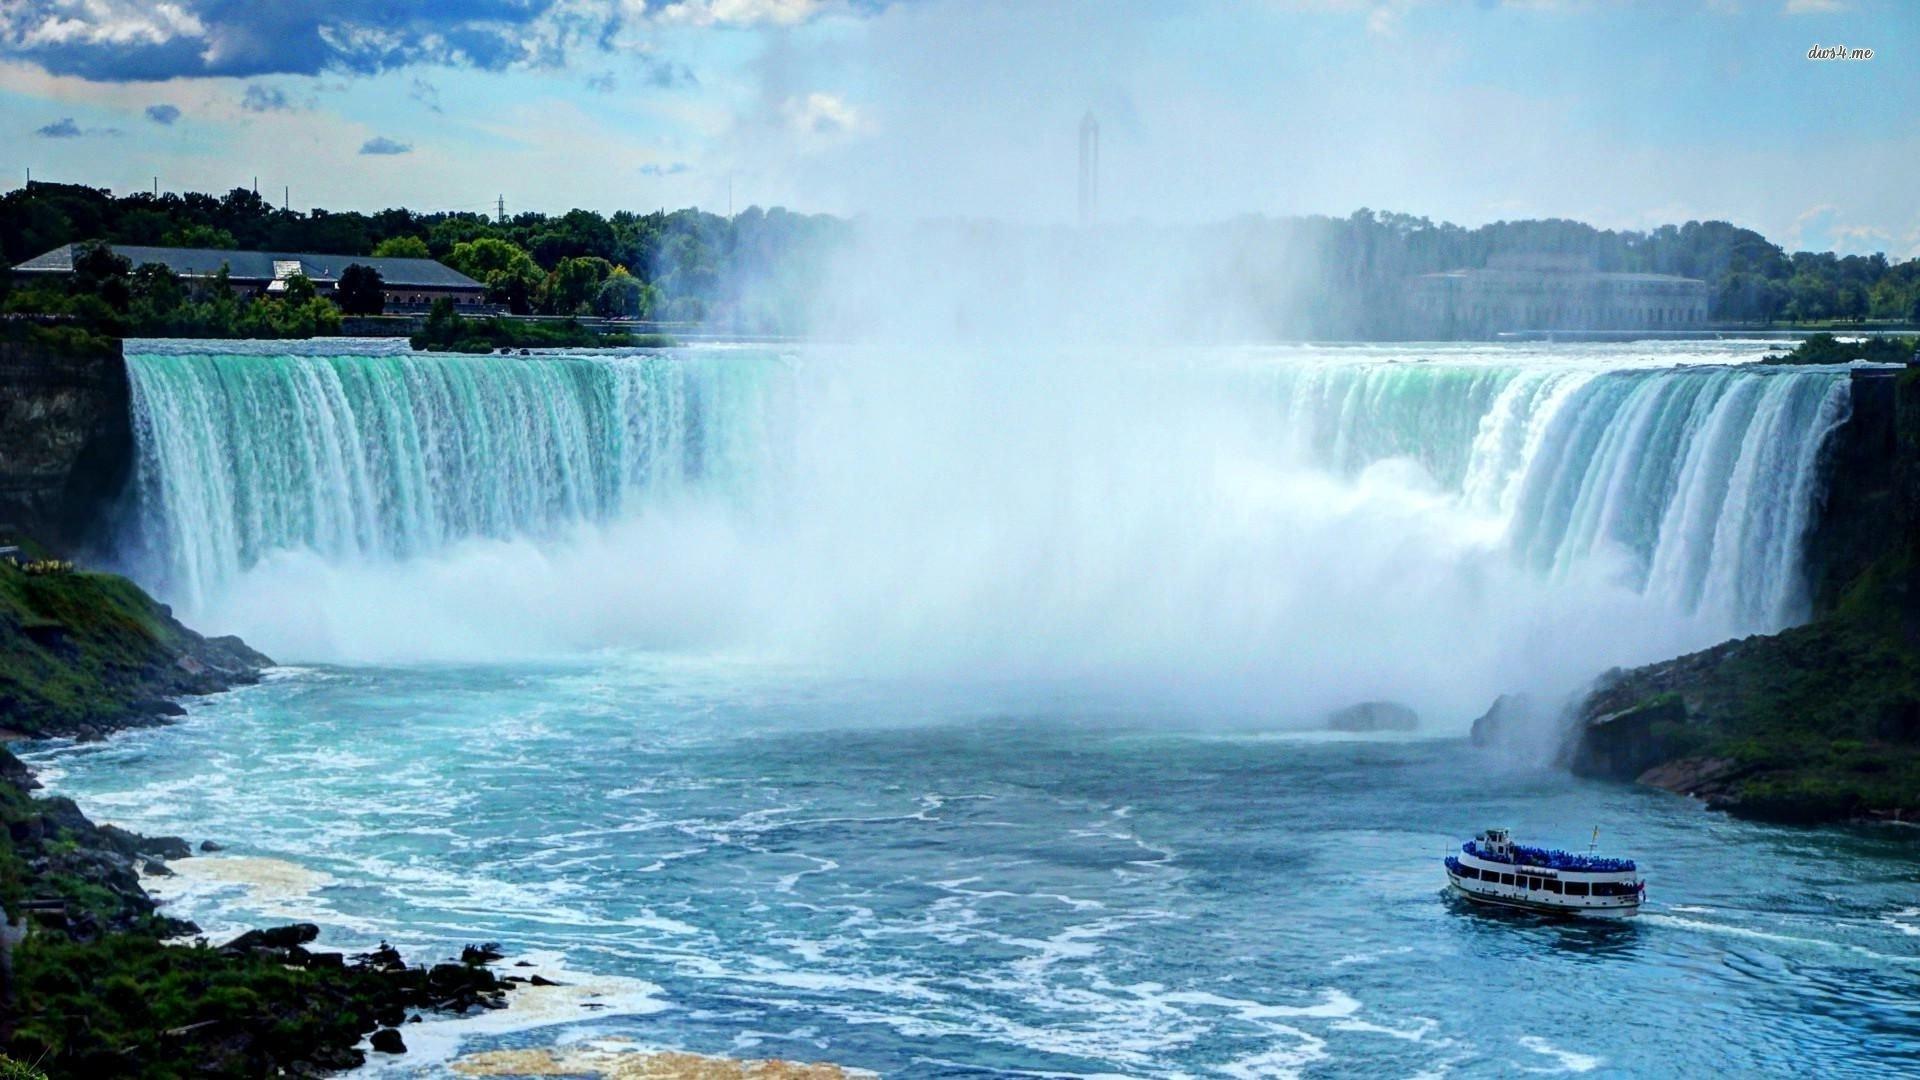 Niagara Falls Wallpaper Iphone Niagara Falls Full Hd Fond D 233 Cran And Arri 232 Re Plan